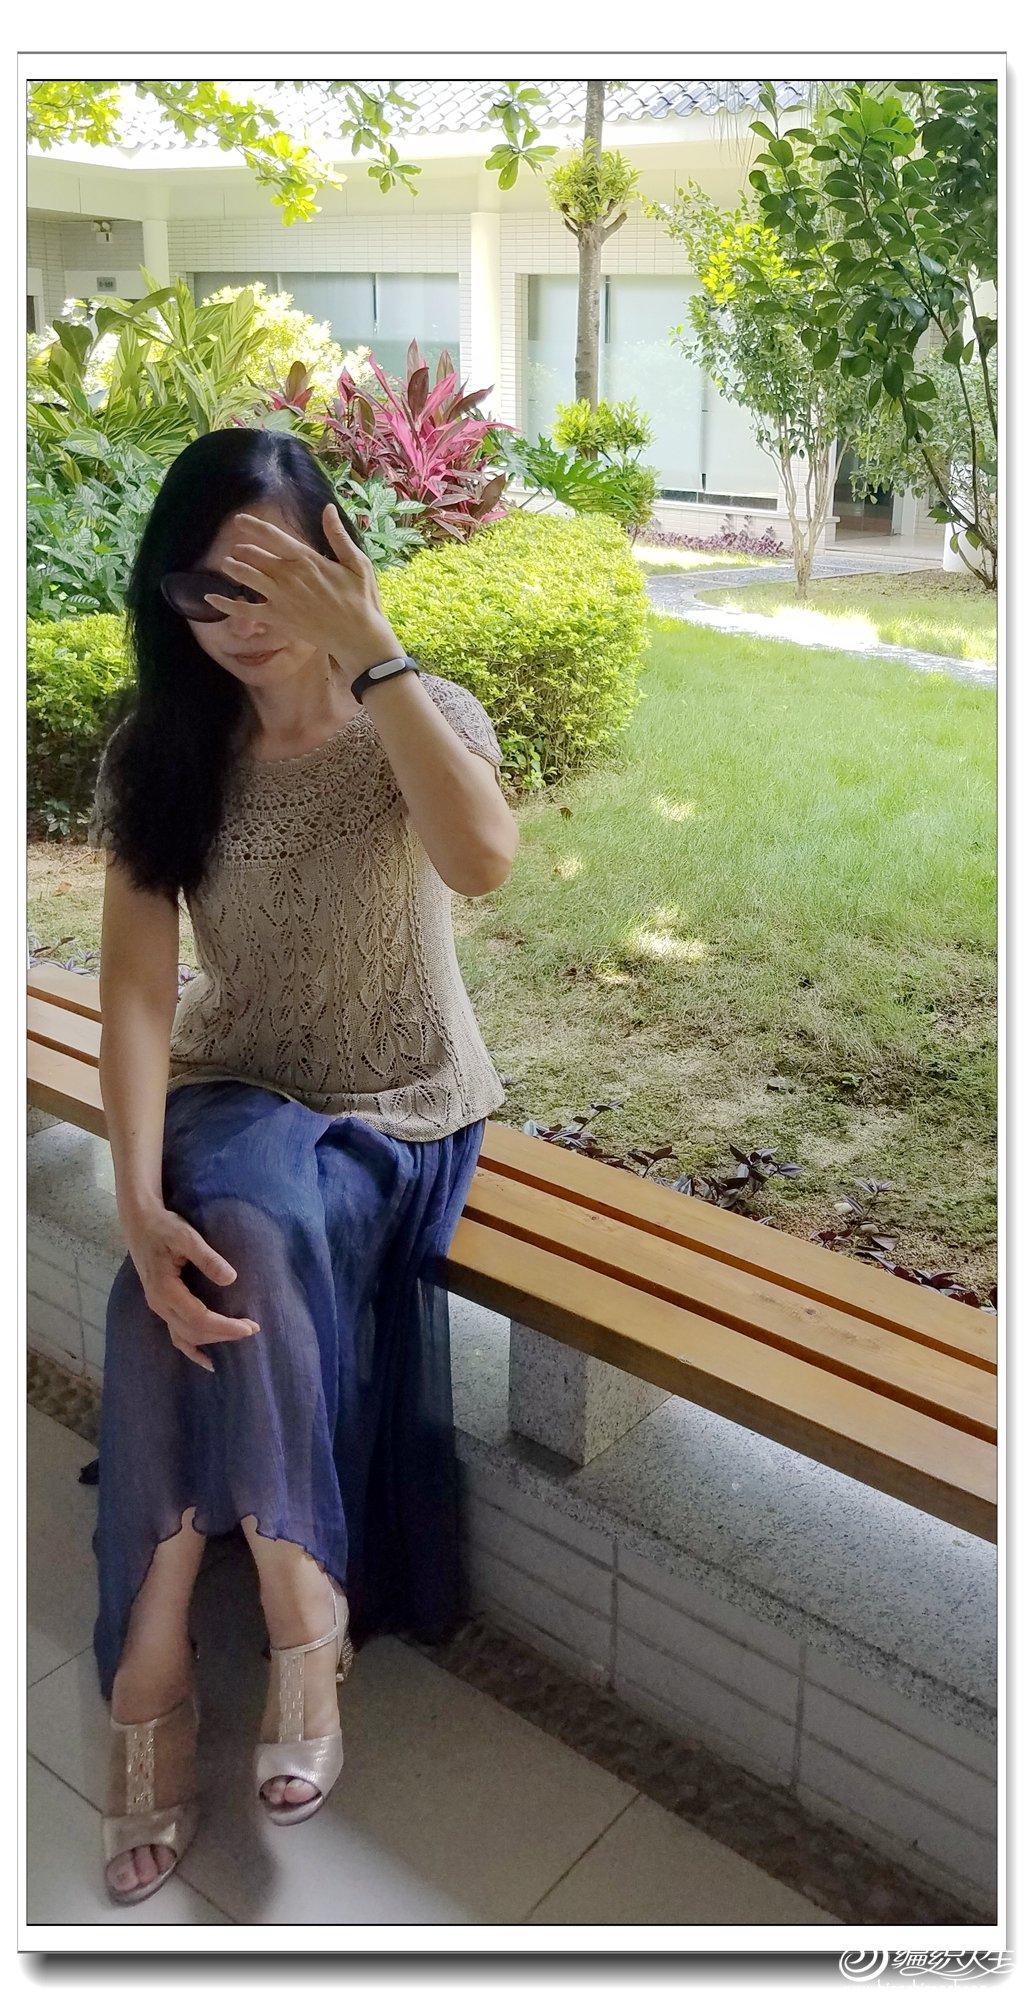 20160623_103244_副本.jpg